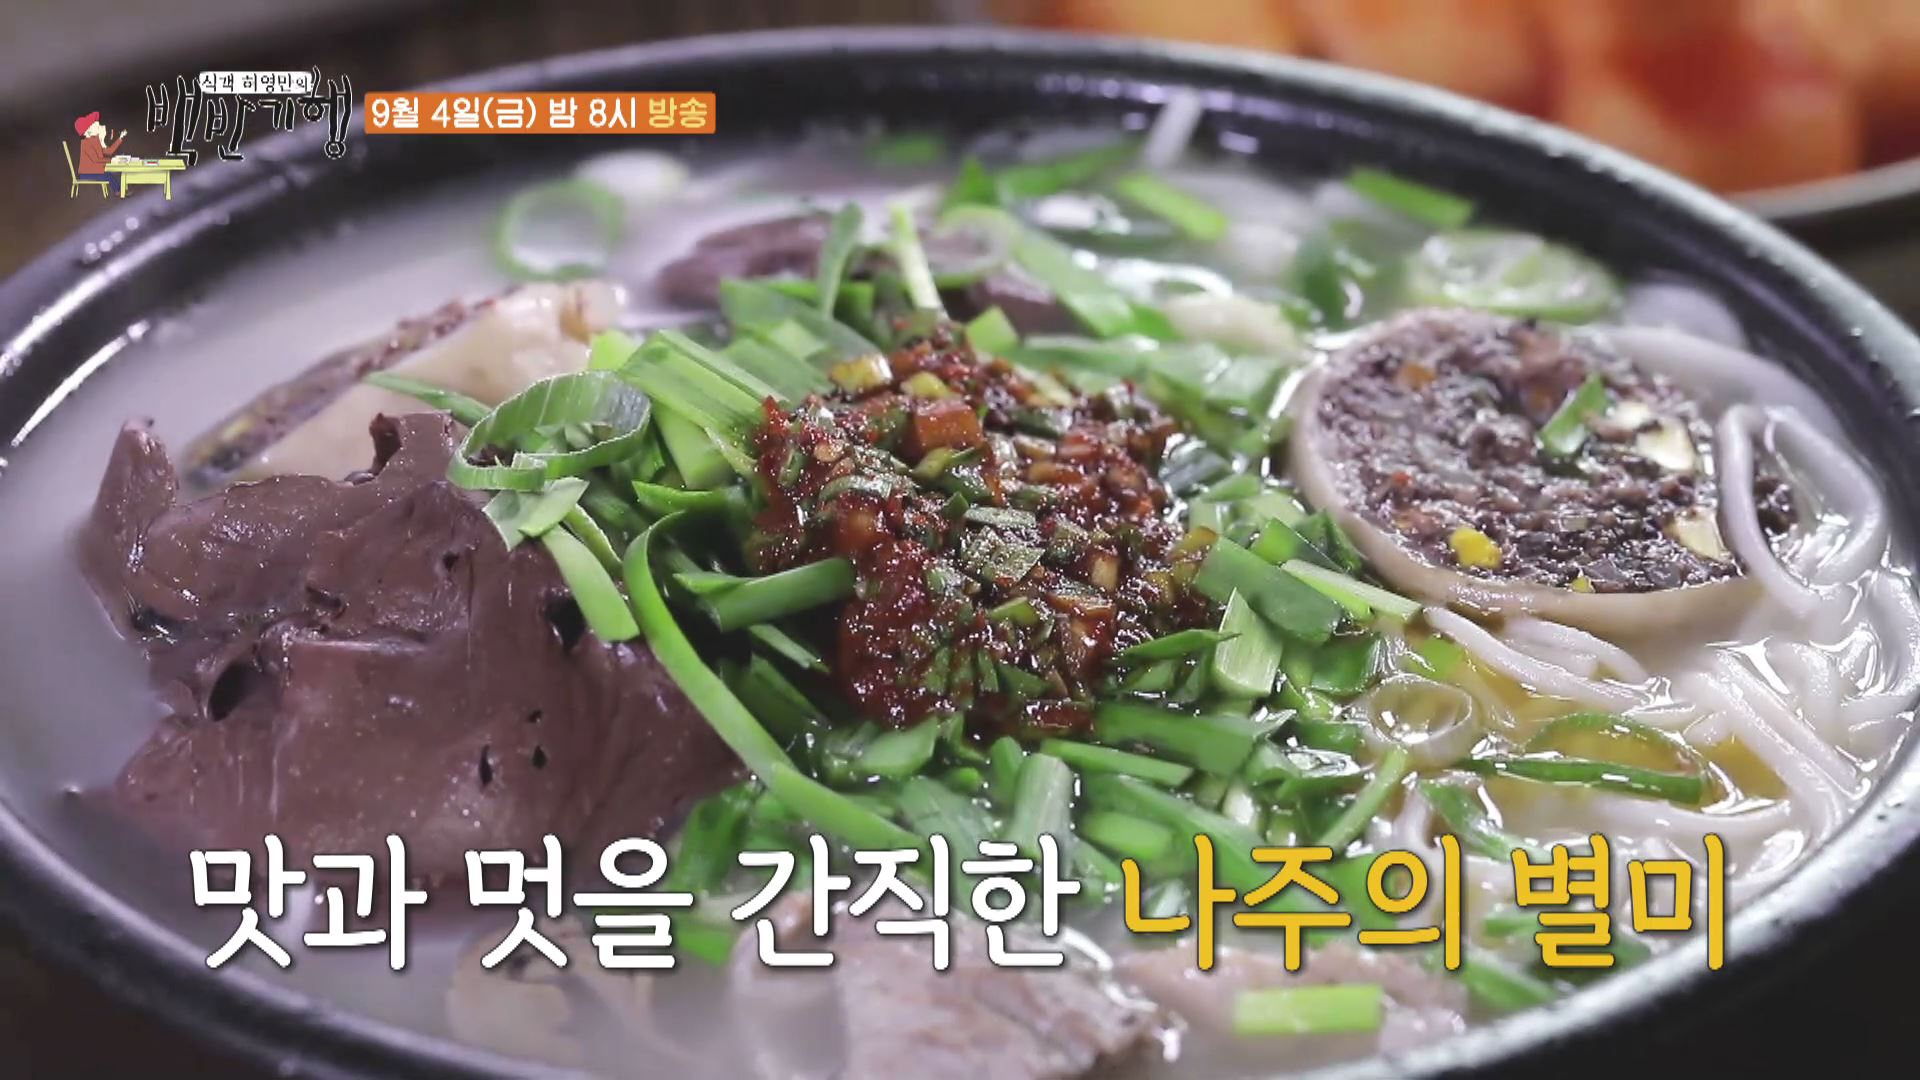 풍요로운 맛의 고장, 나주 밥상_허영만의 백반기행 67회 예고 이미지